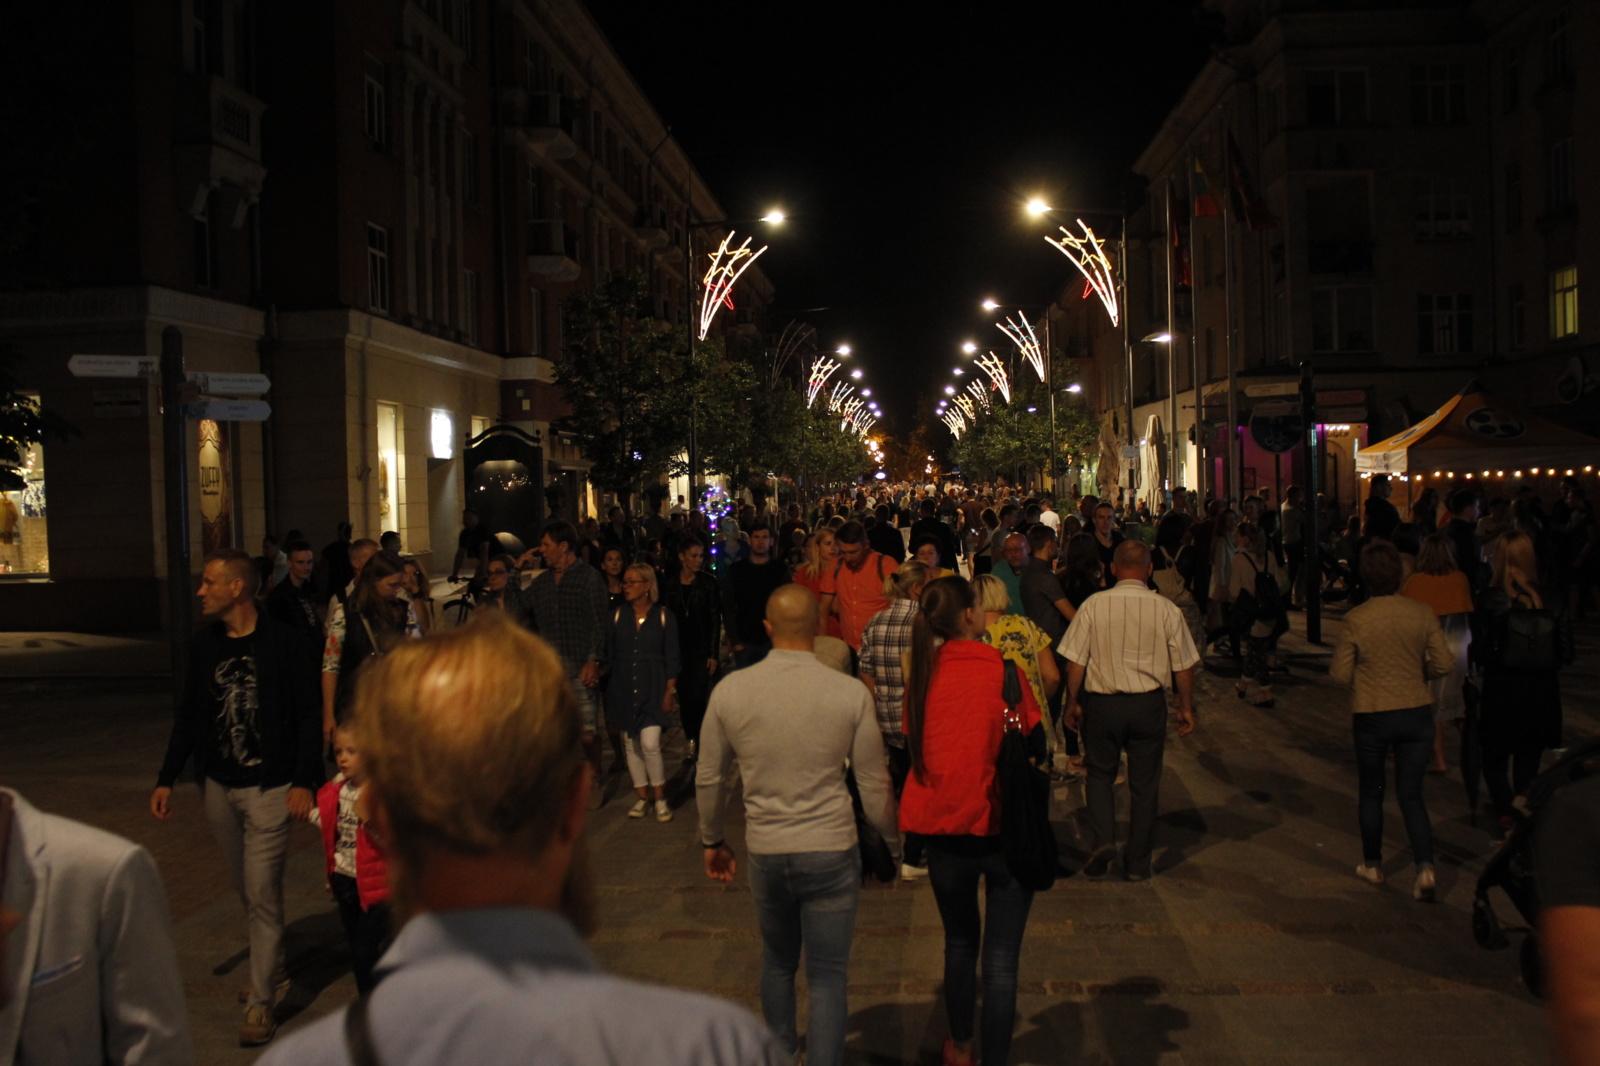 Šiauliai naktį - pilni gyvybės (nuotraukų galerija)